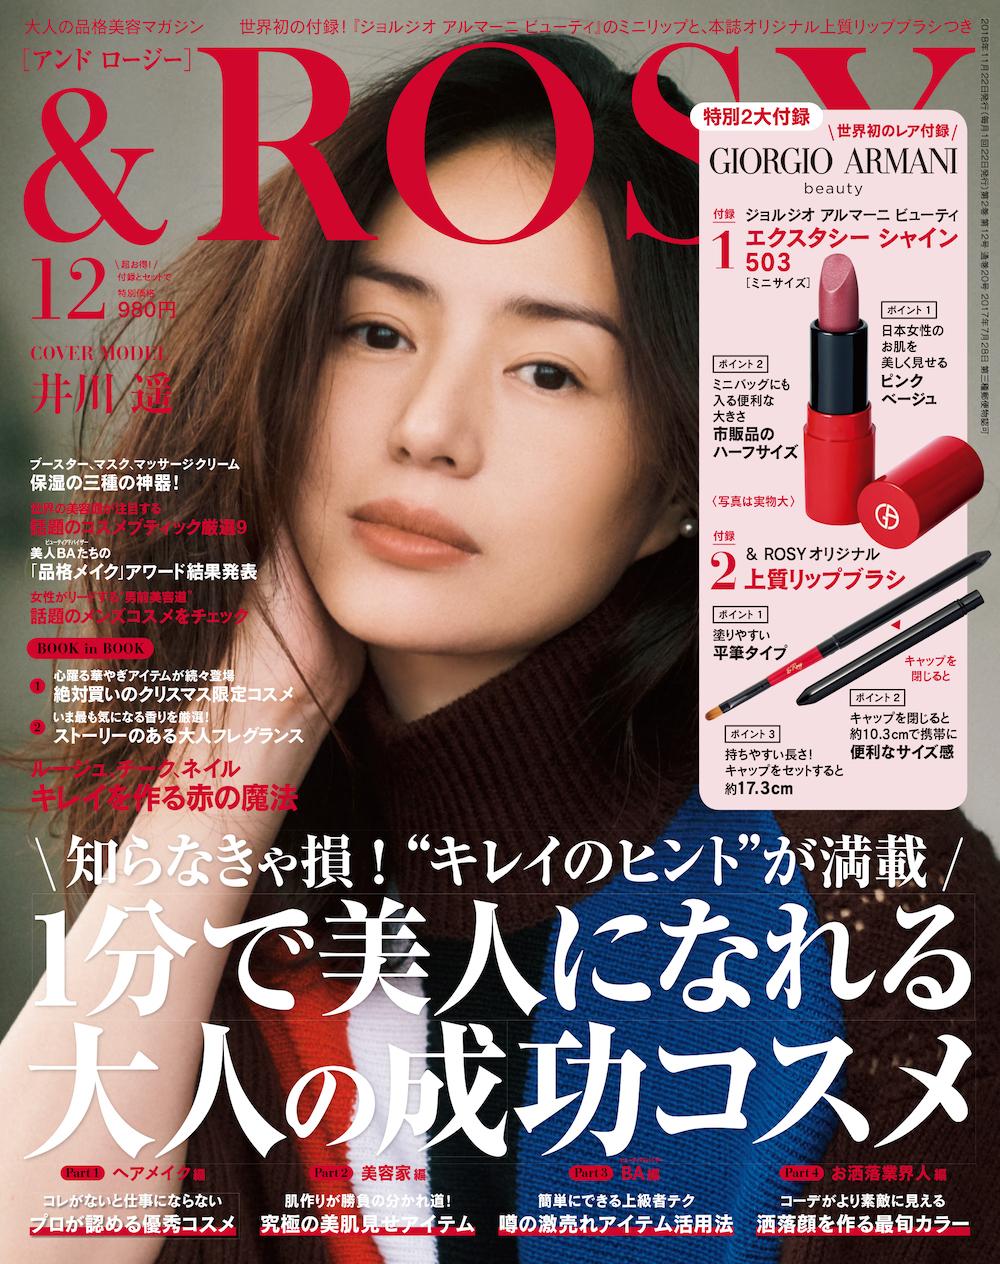 美容雑誌『& ROSY』12月号(「アルマーニ」のリップが付録で登場)